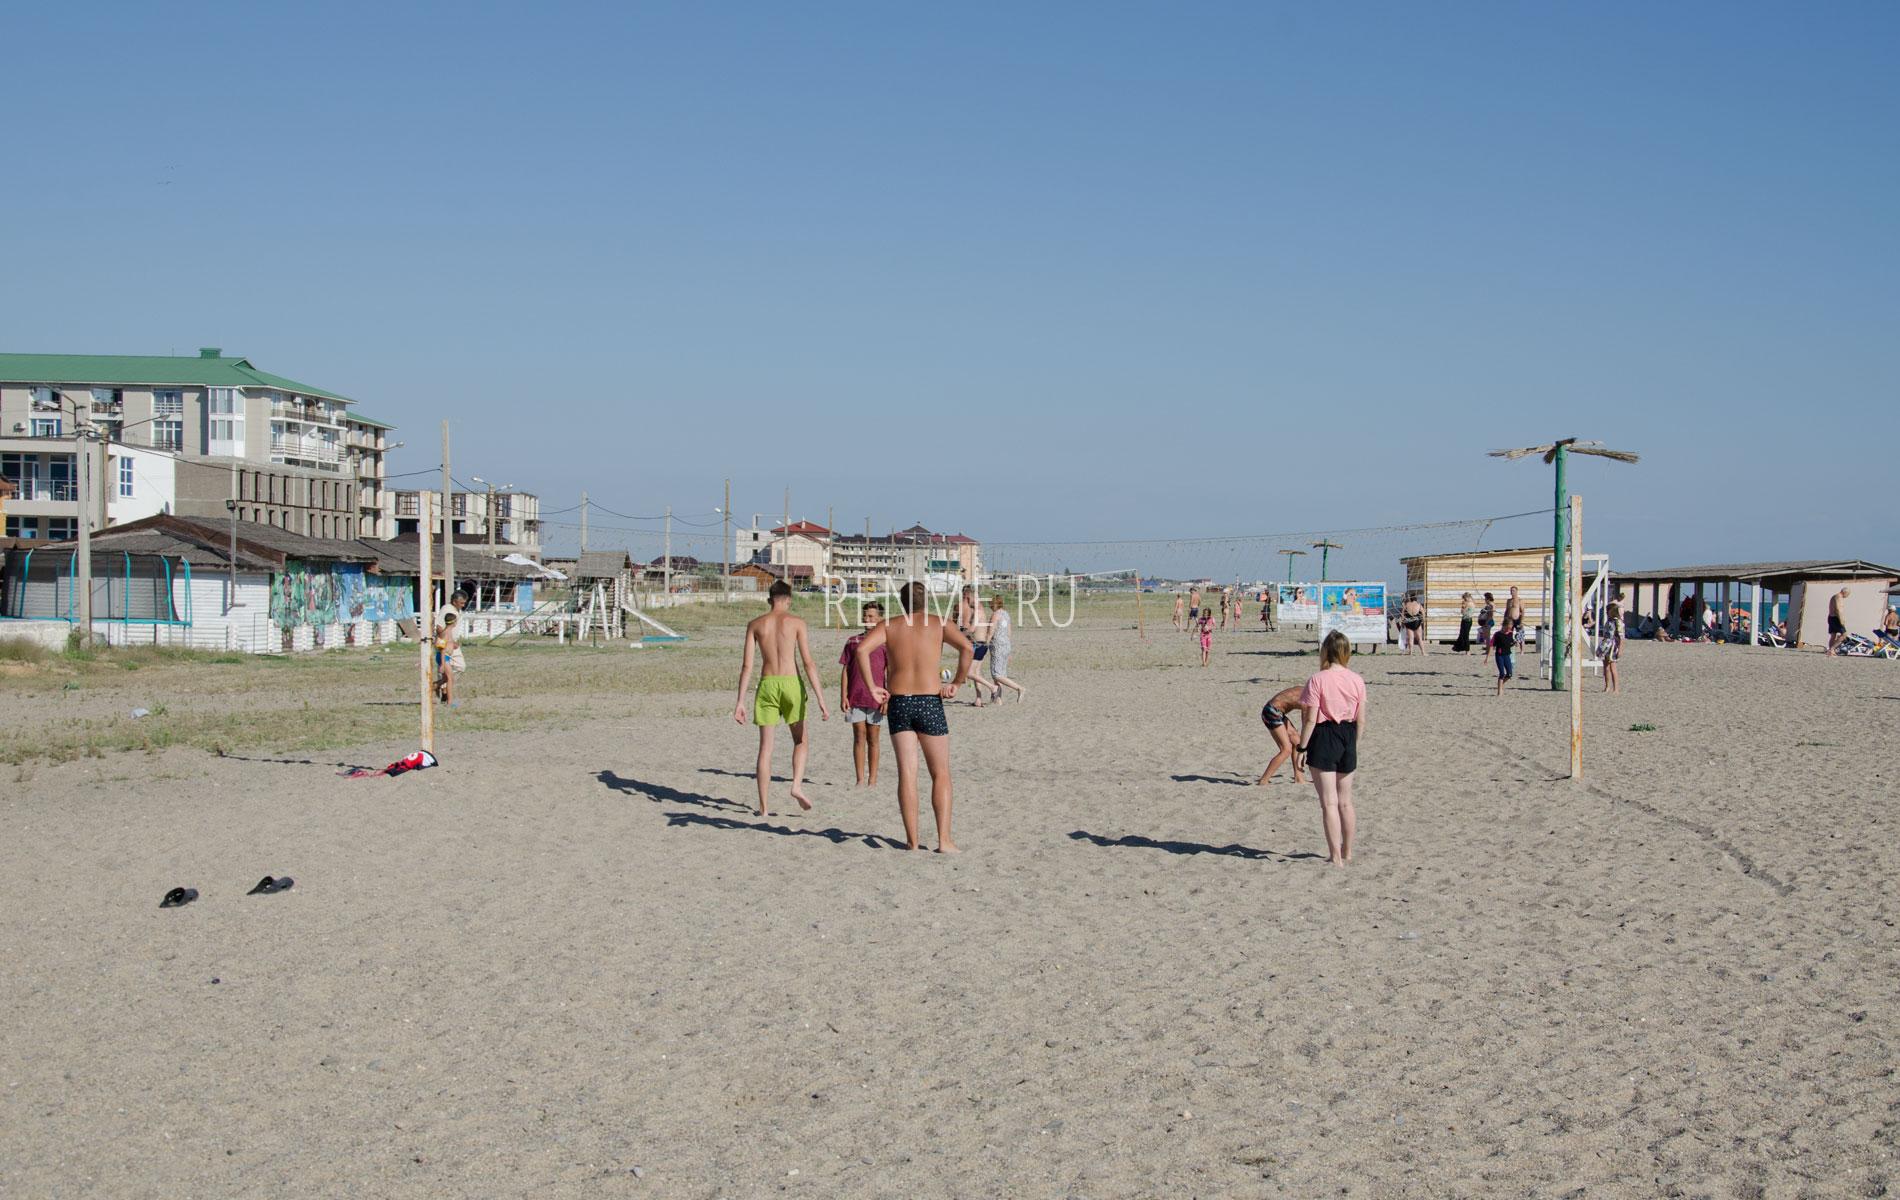 Пляжный волейбол летом 2019. Фото Прибрежного